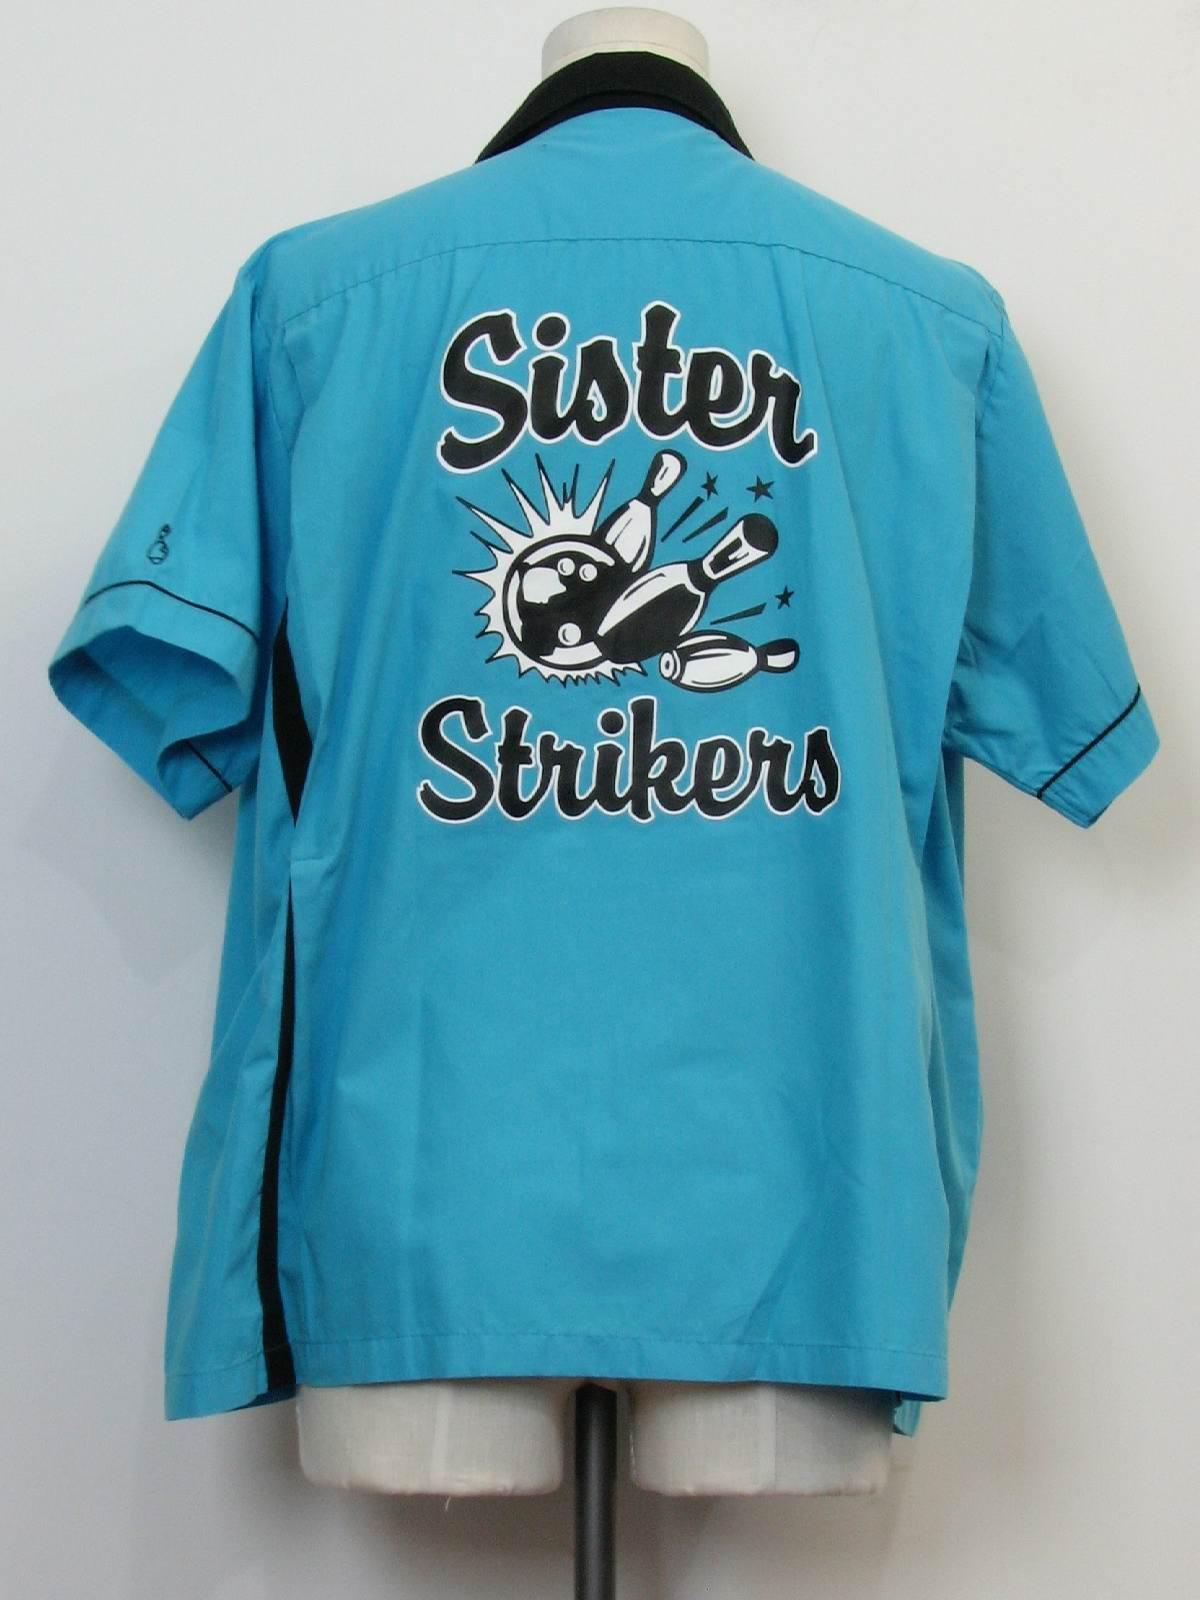 a7bec5cc 90s Retro Bowling Shirt: 90s -Cruisin USA- Unisex sky blue ...